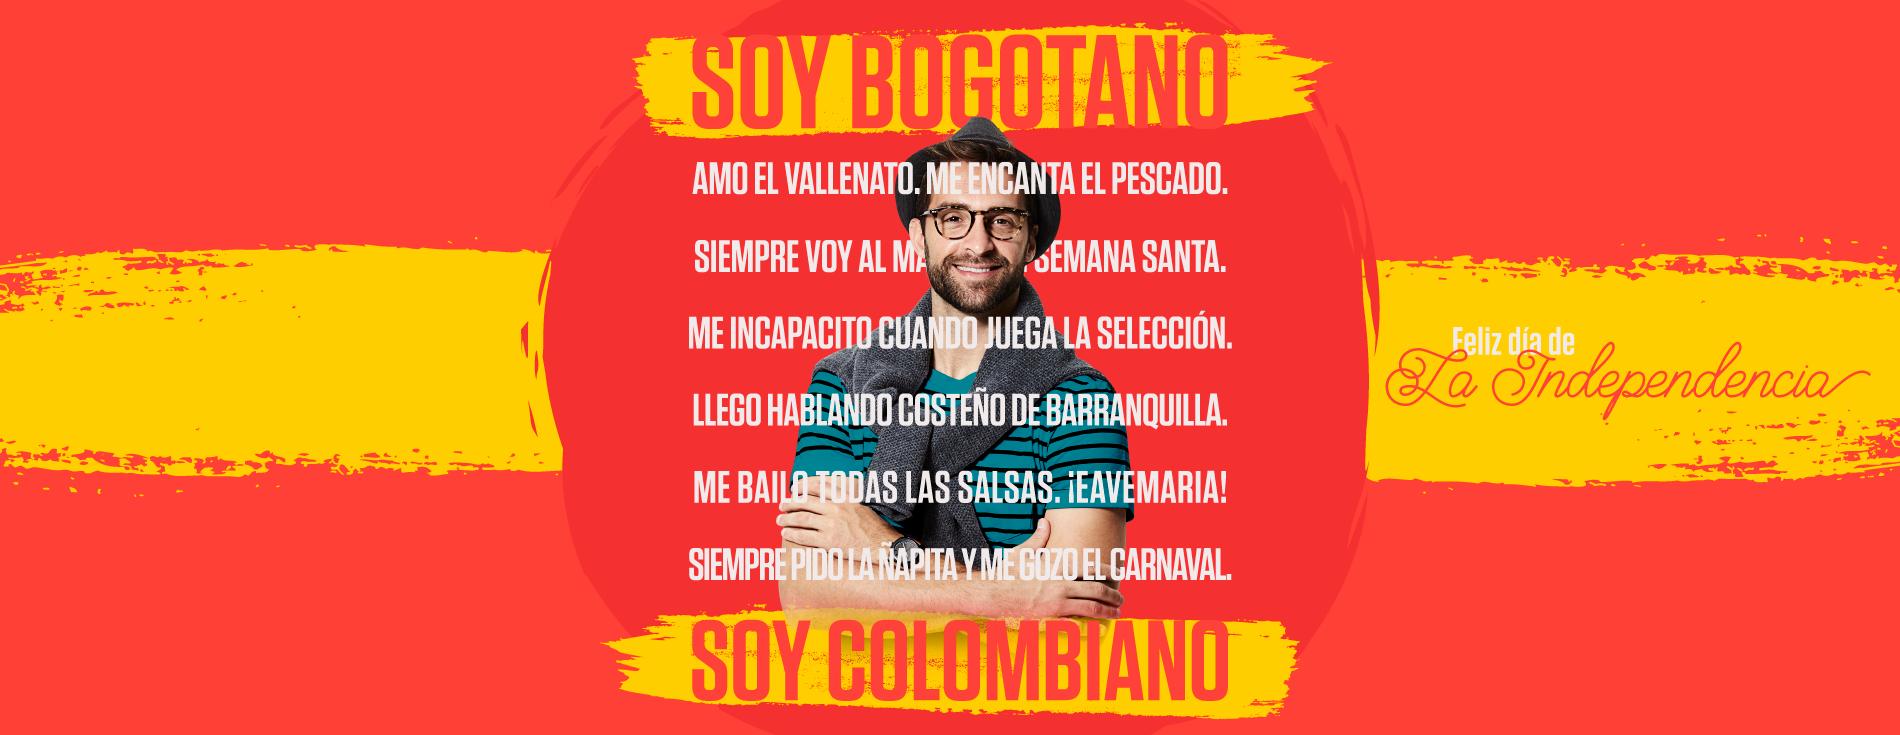 Colombia tierra querida - Villavicencio